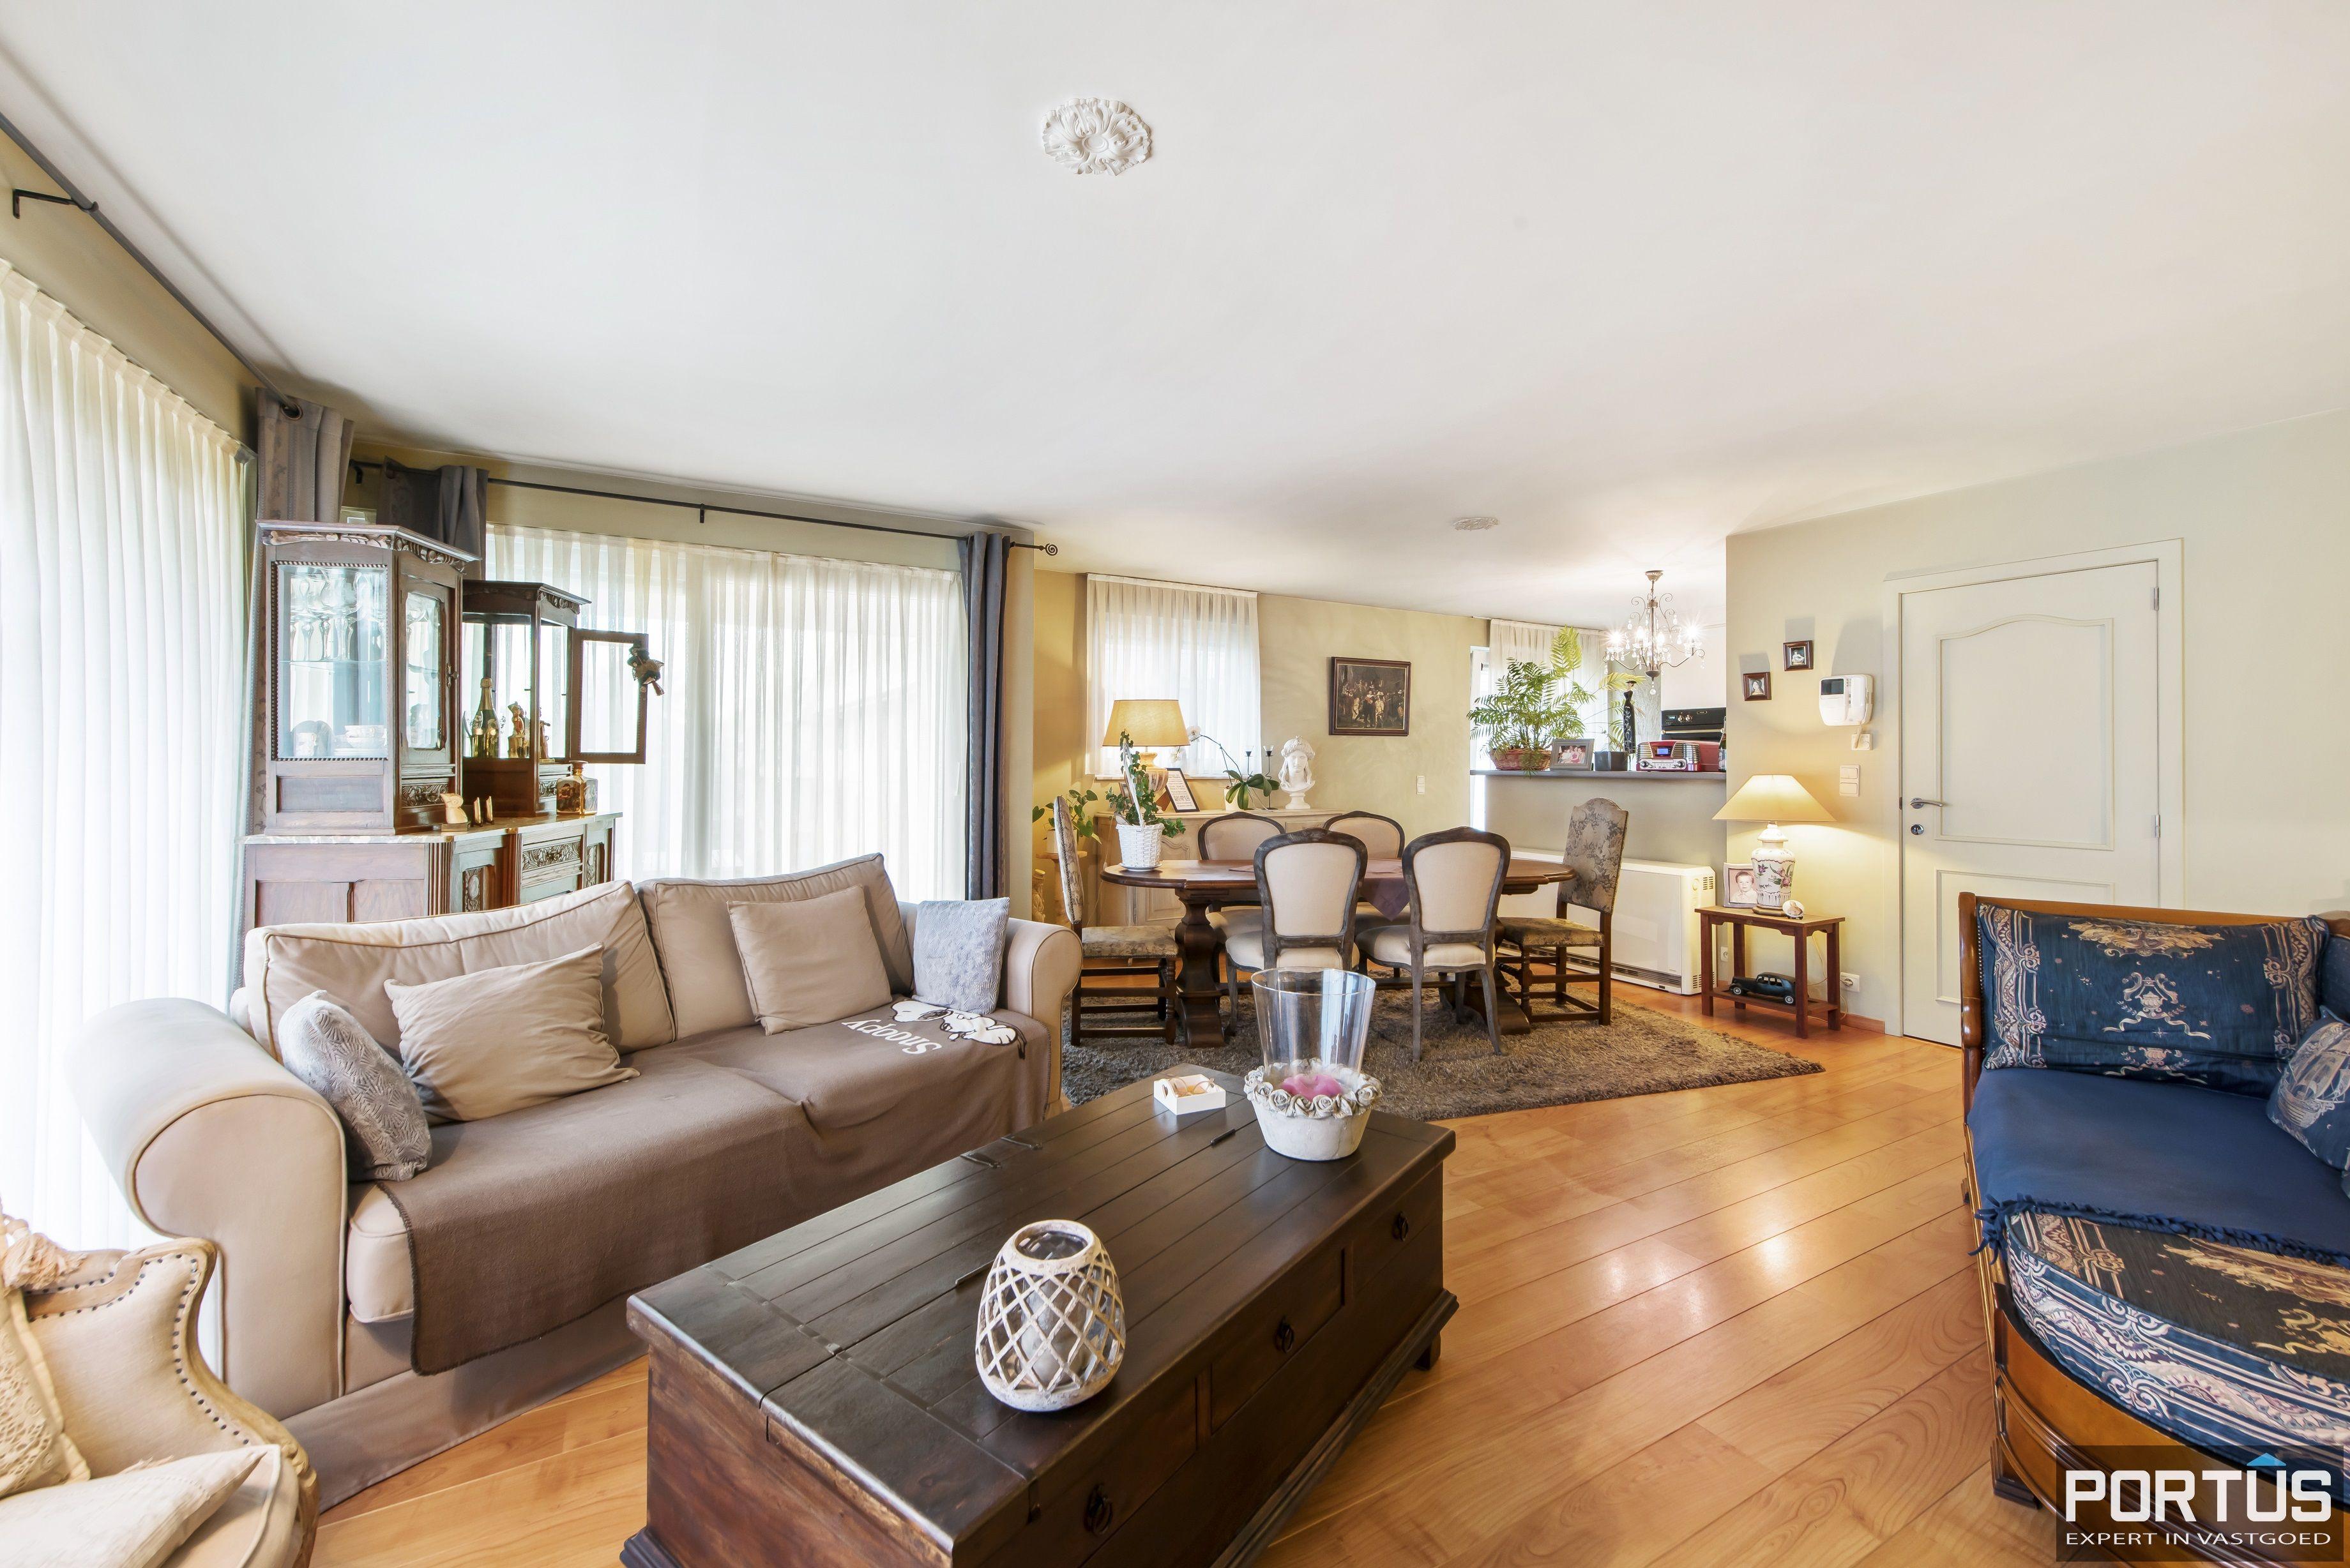 Zongerichte appartement te koop te Nieuwpoort - 9887